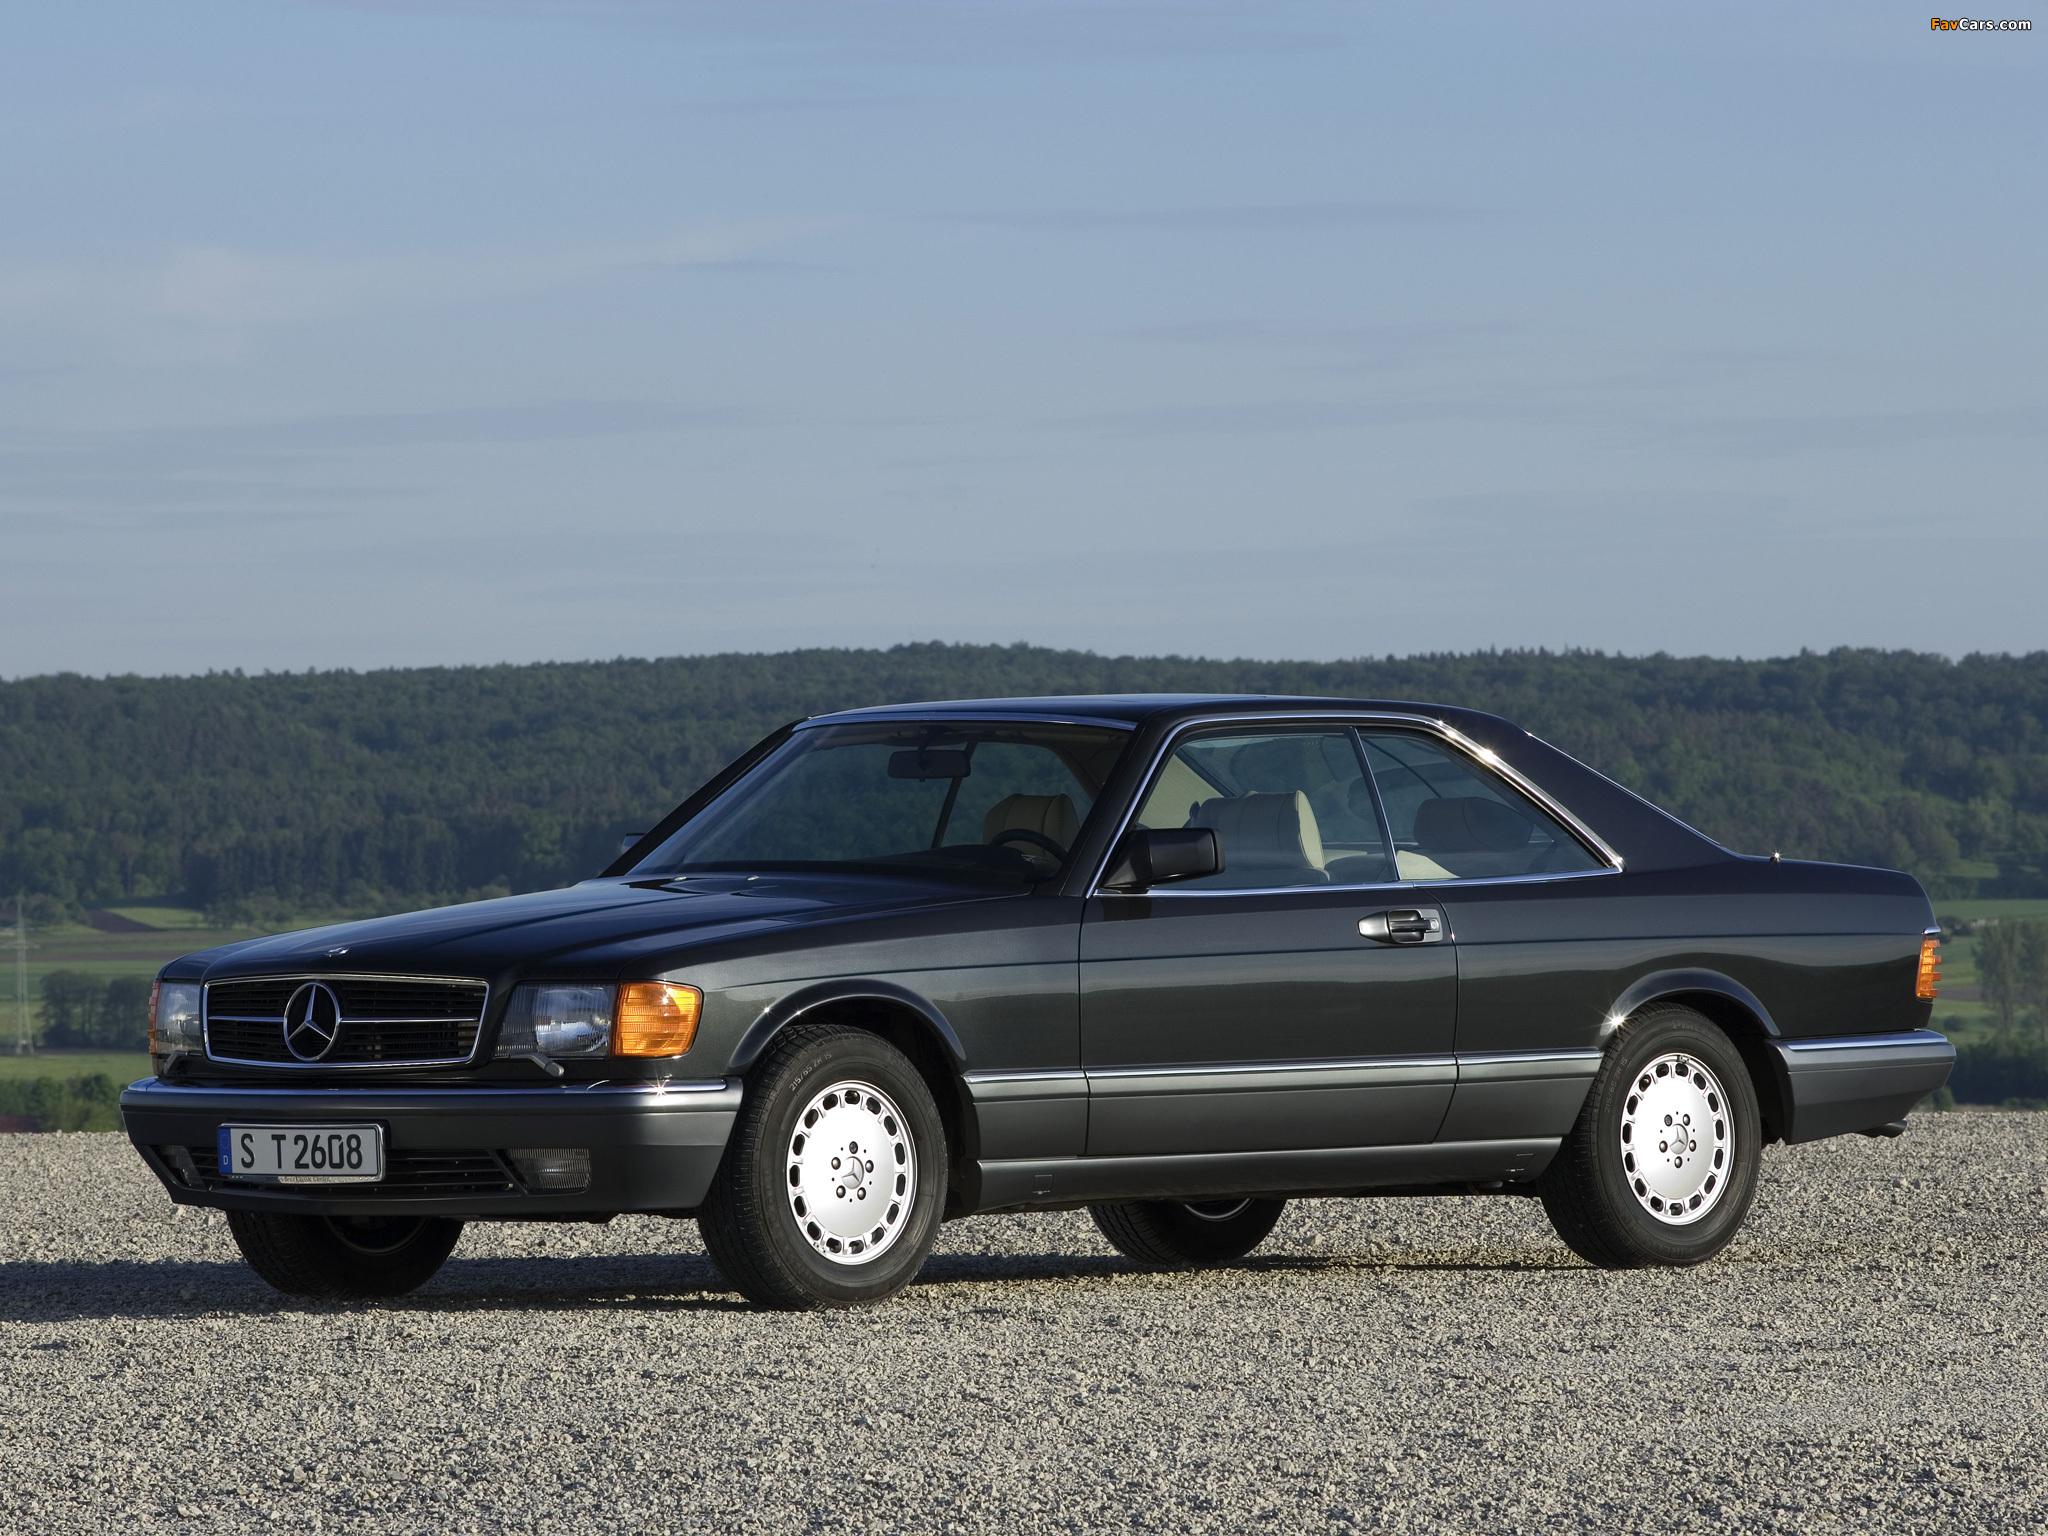 Mercedes Benz 560 Sec C126 1985 91 Wallpapers 2048x1536